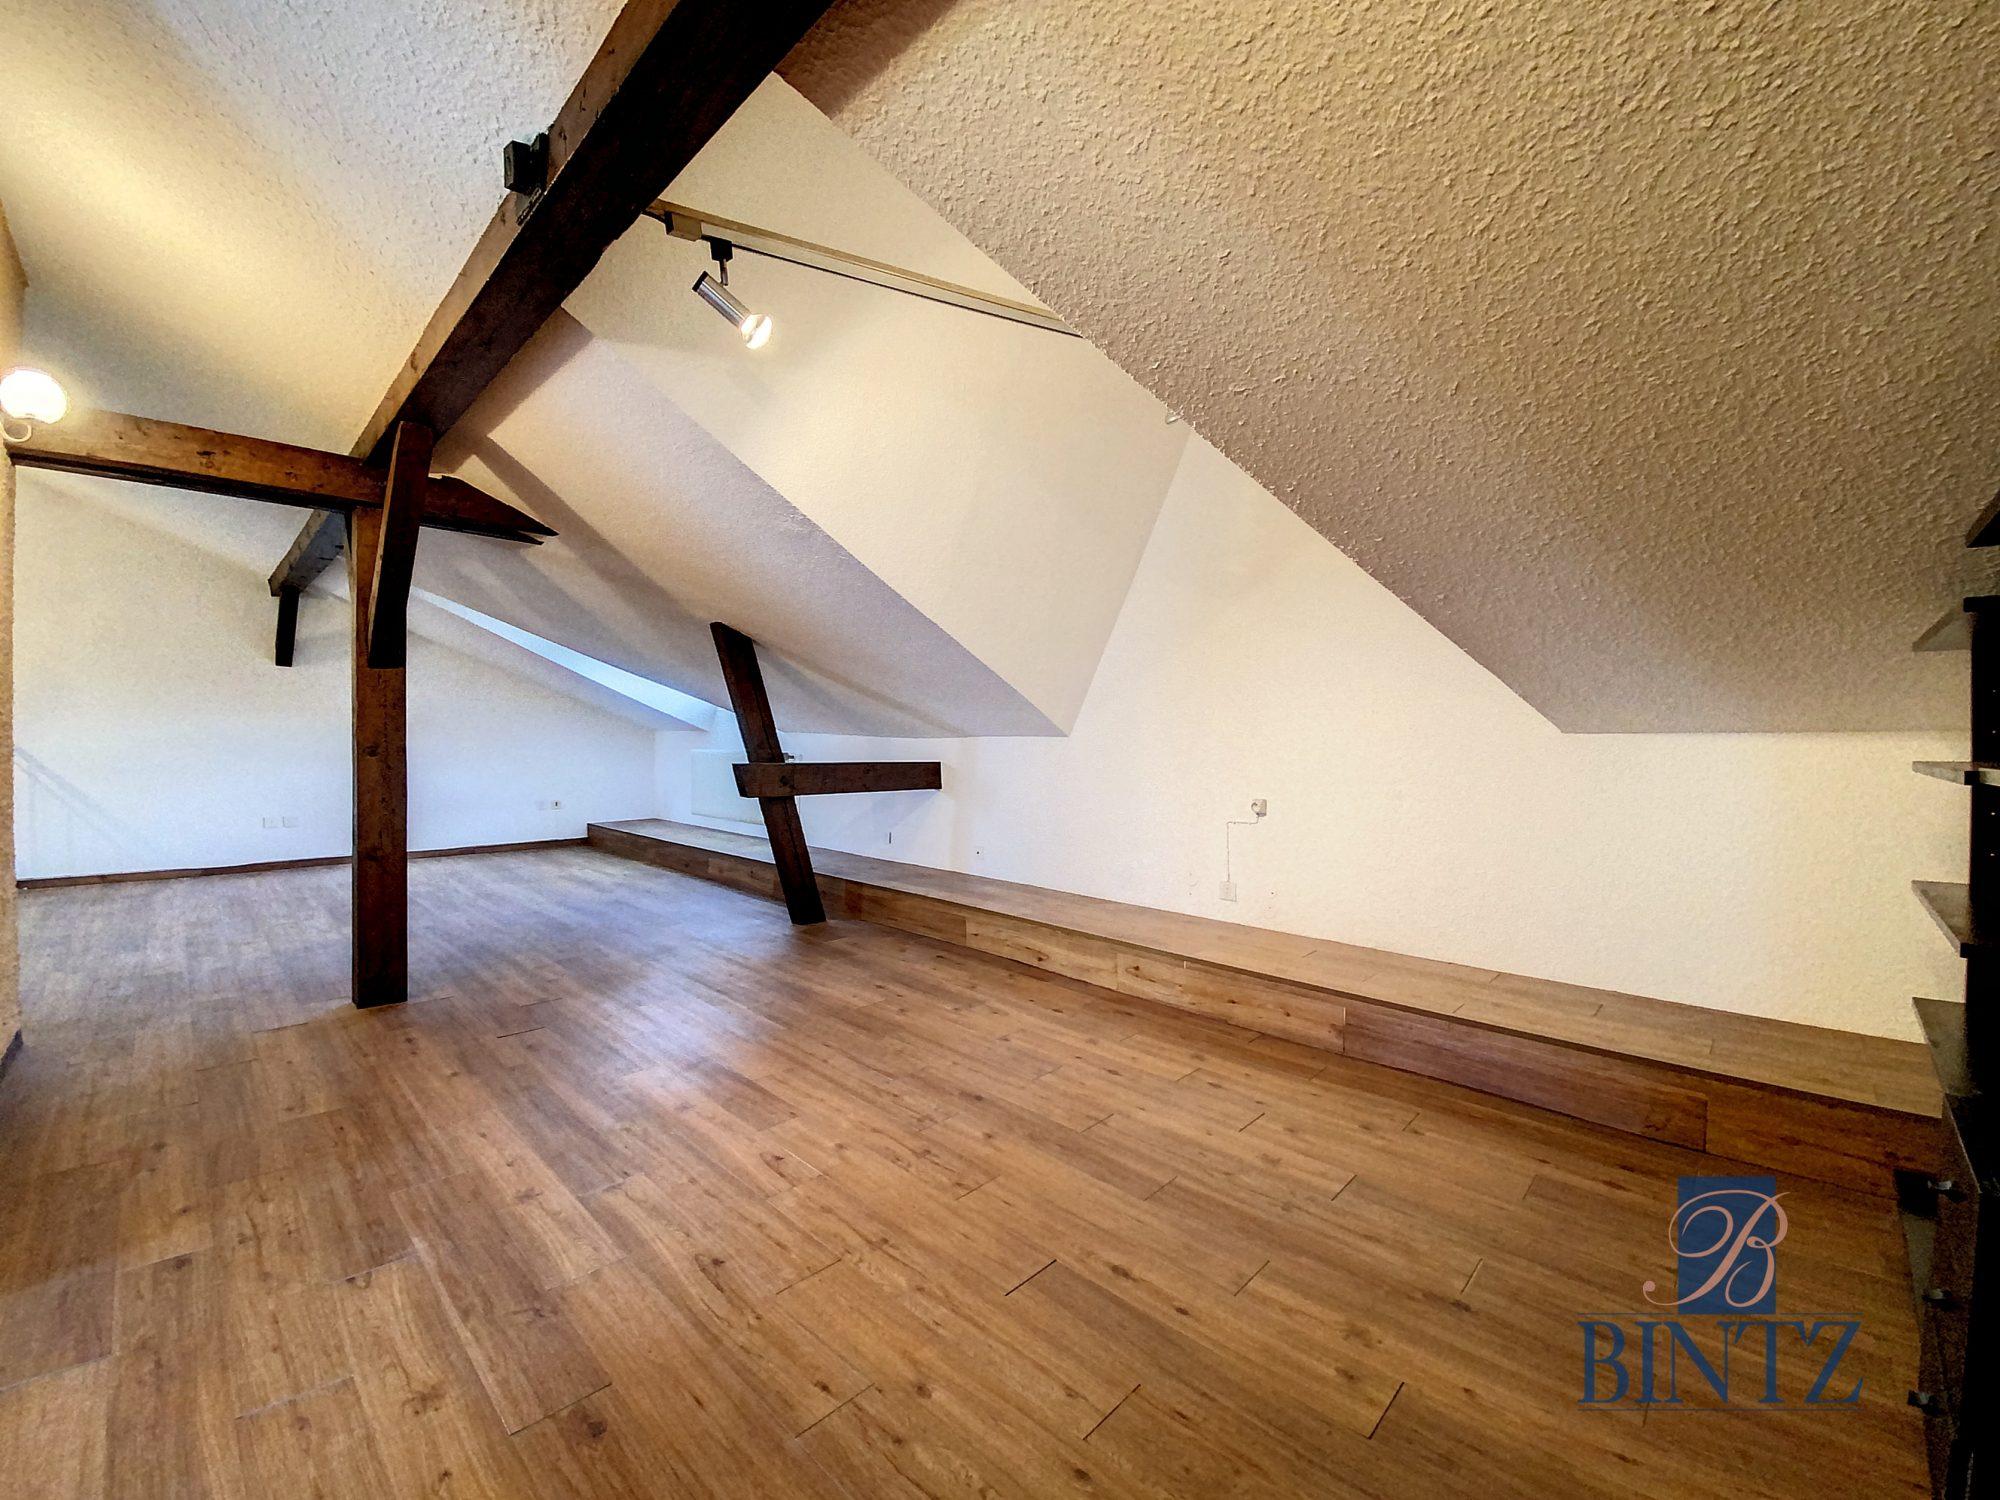 DUPLEX PLACE DE L'UNIVERSITÉ AVEC TERRASSE - Devenez locataire en toute sérénité - Bintz Immobilier - 8